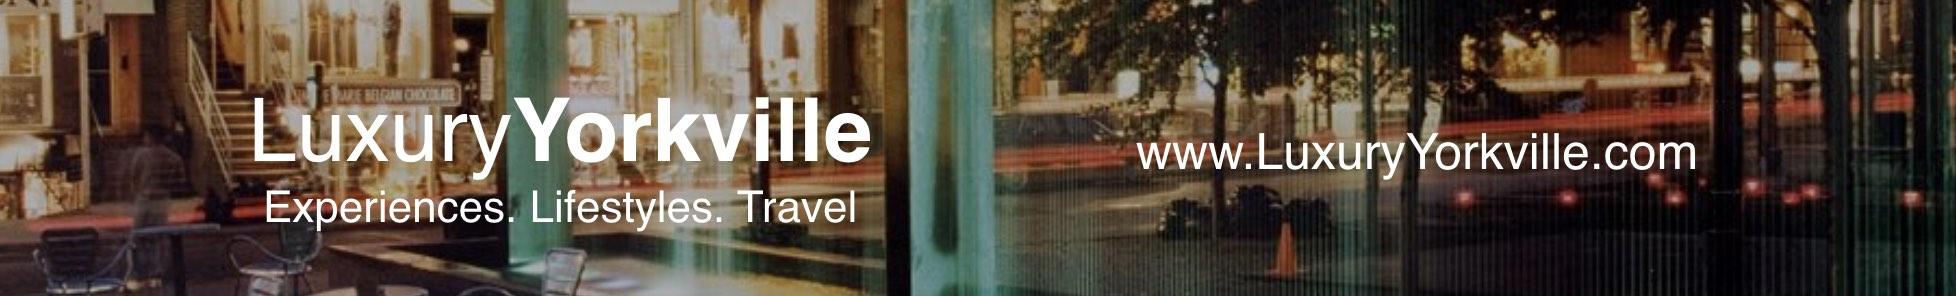 LuxuryYorkville Ad 01